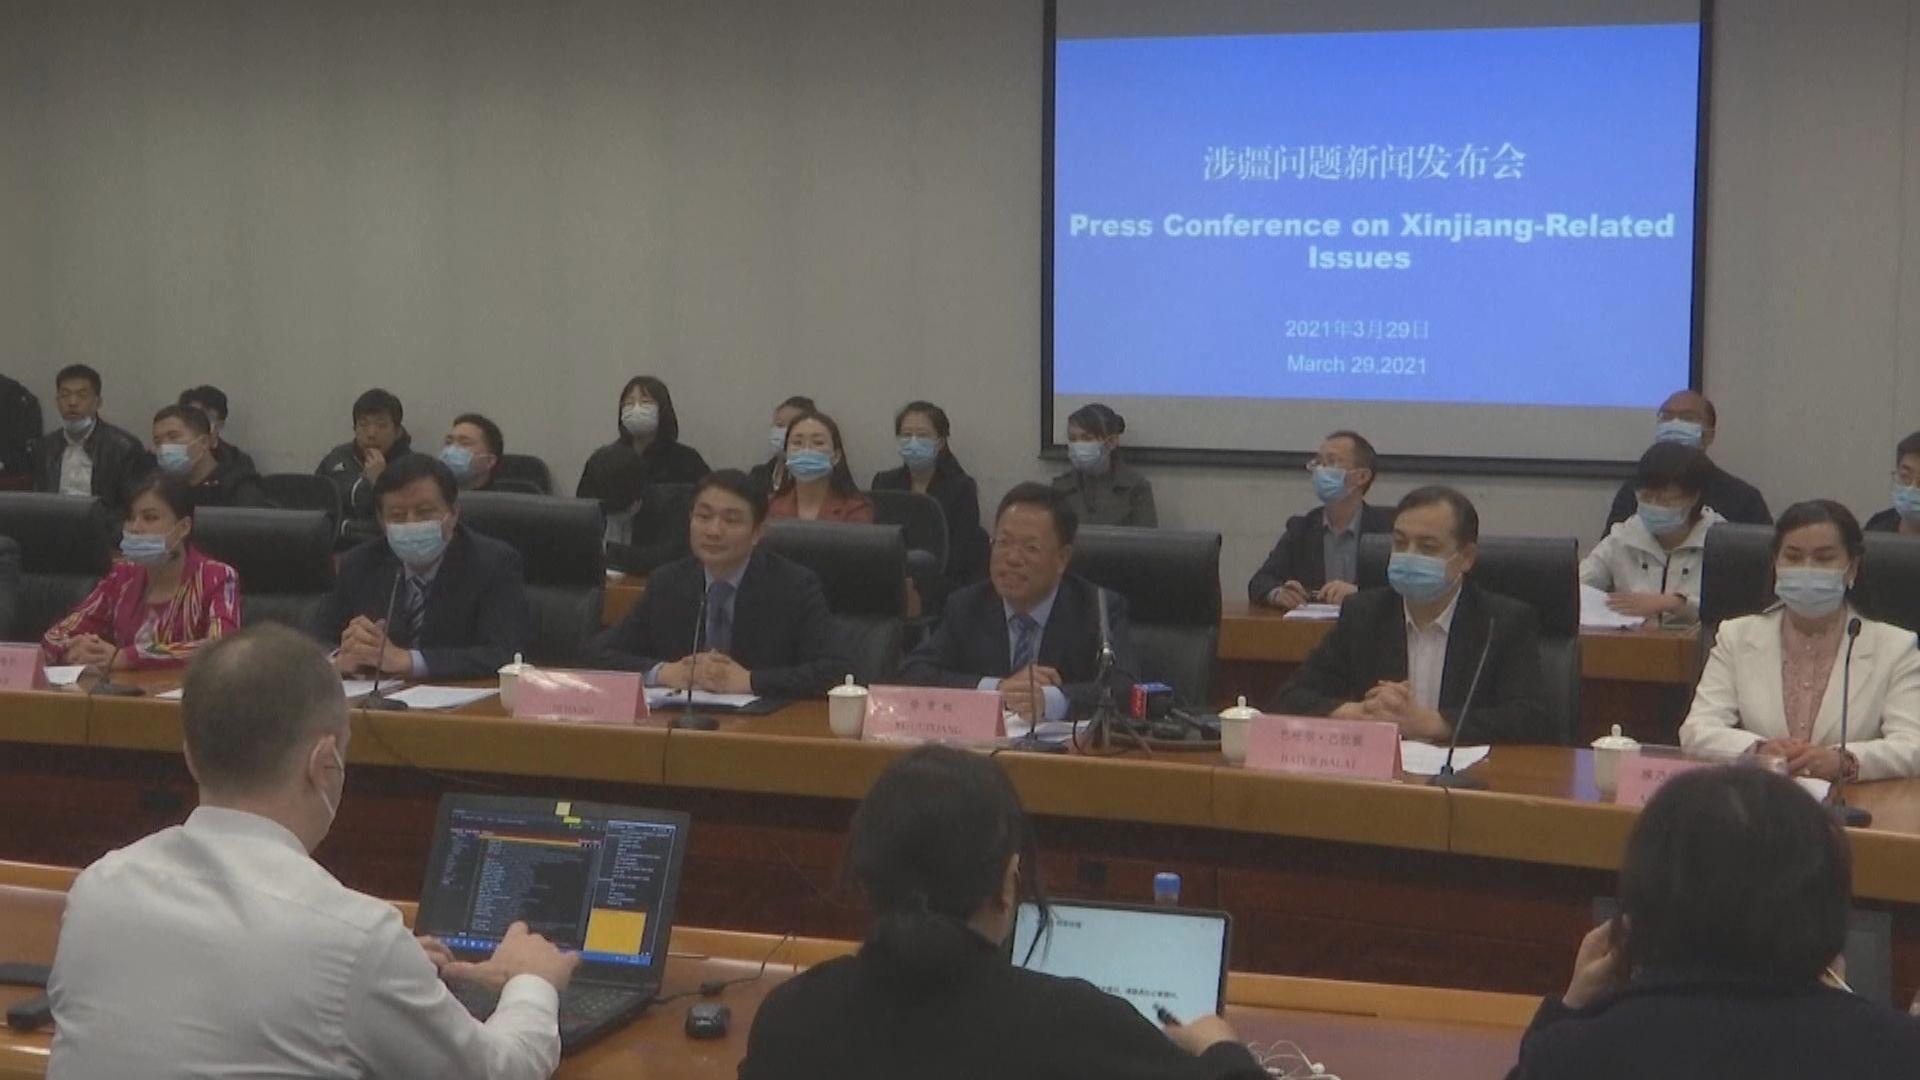 外交部:歡迎聯合國人權高級專員訪疆 促進交流合作